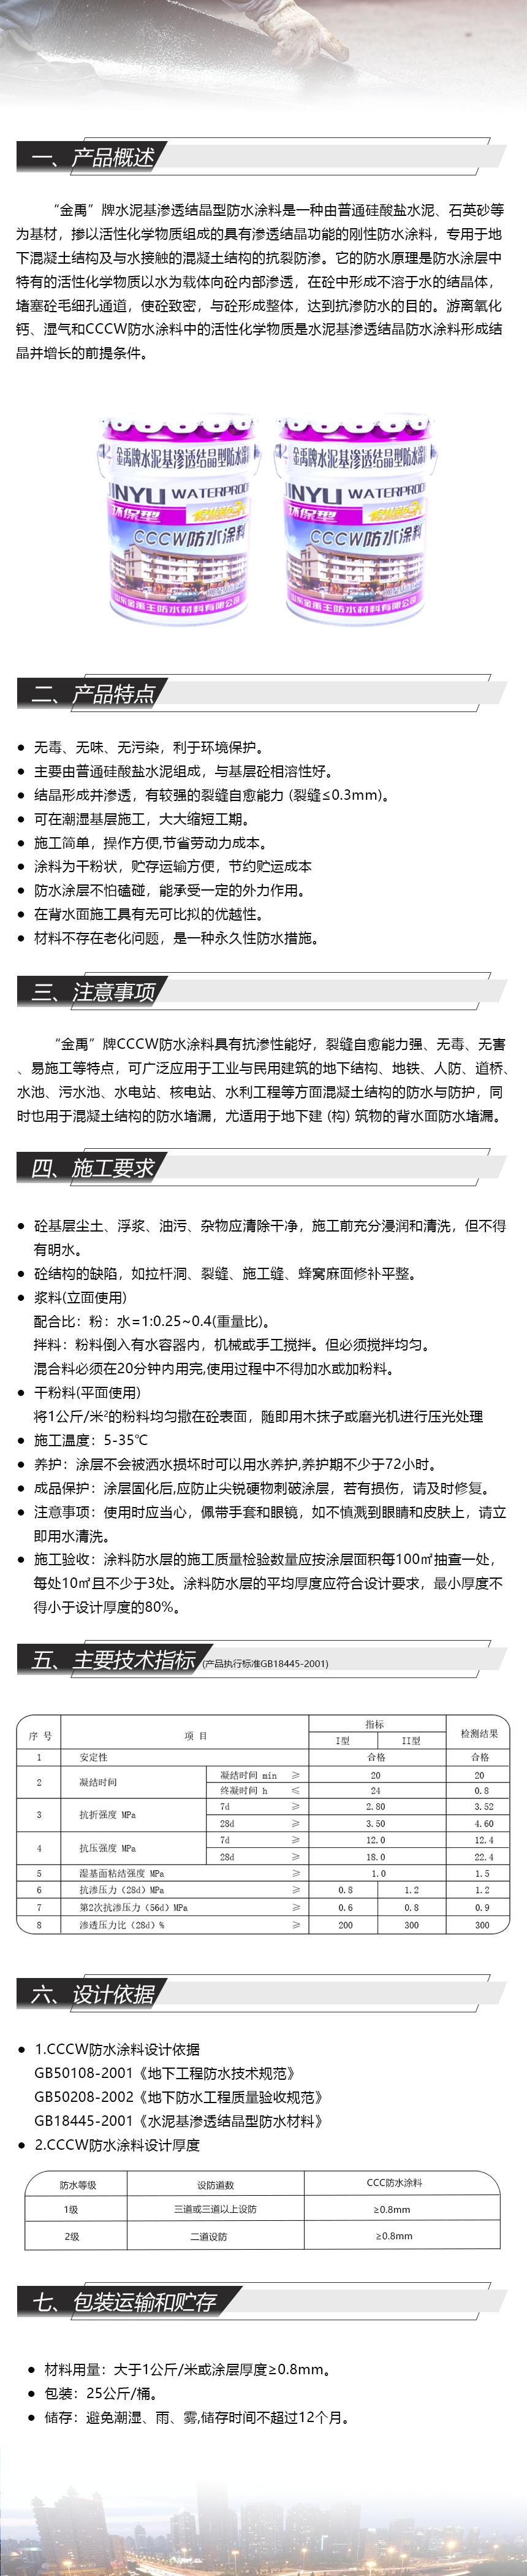 道桥用改性沥青防水涂料   (70~71).png